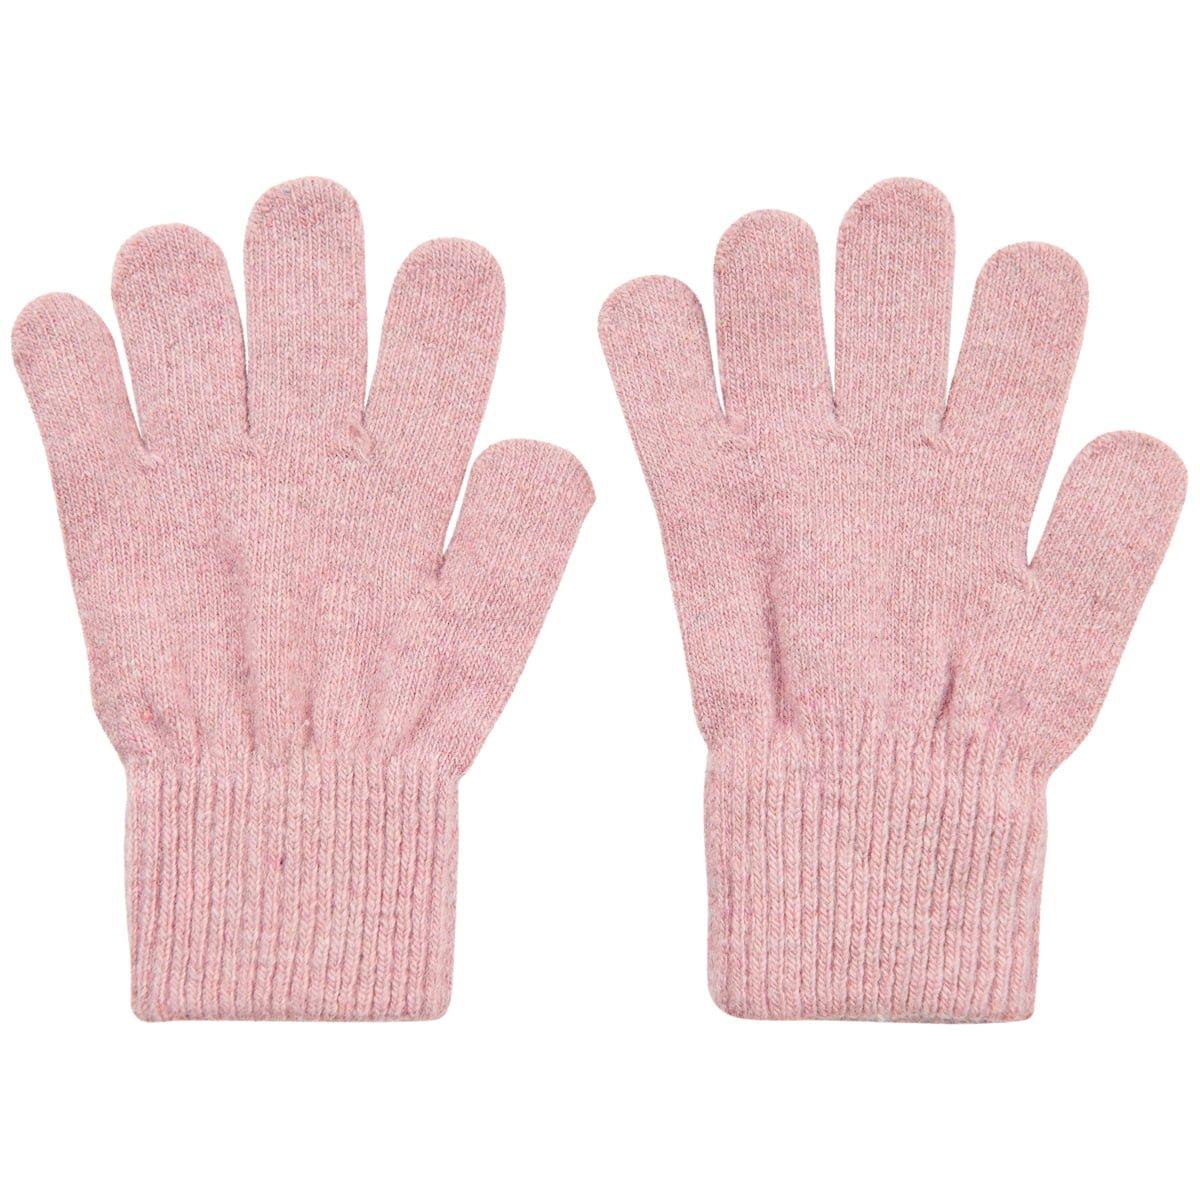 Mănuși cu degete din lână tricotată misty rose CeLaVi